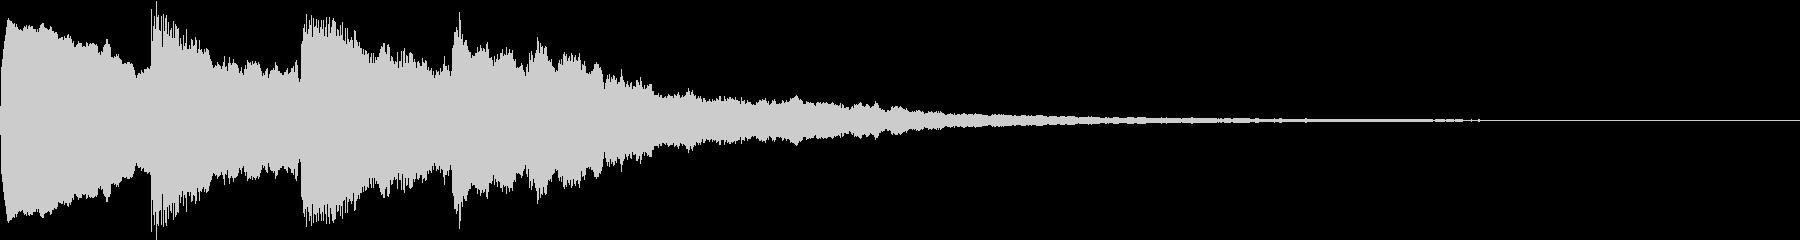 シンプル アナウンス 案内 放送 11の未再生の波形